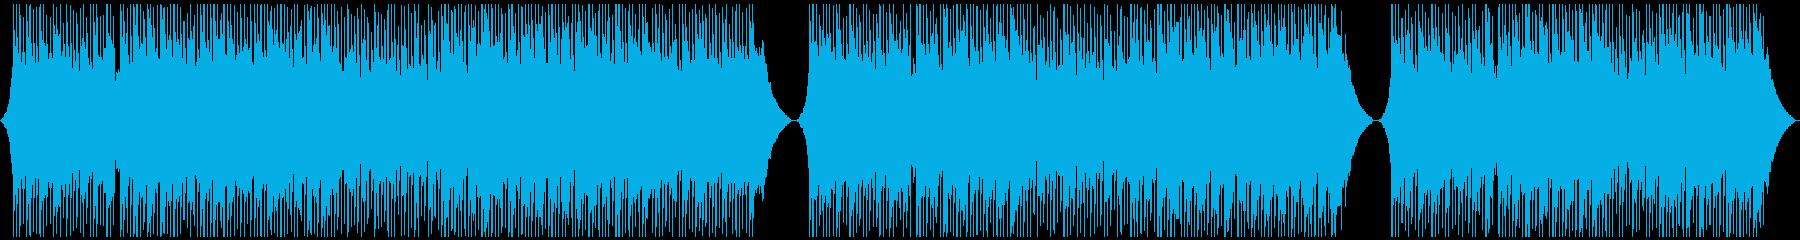 モダン 実験的 アンビエント コー...の再生済みの波形